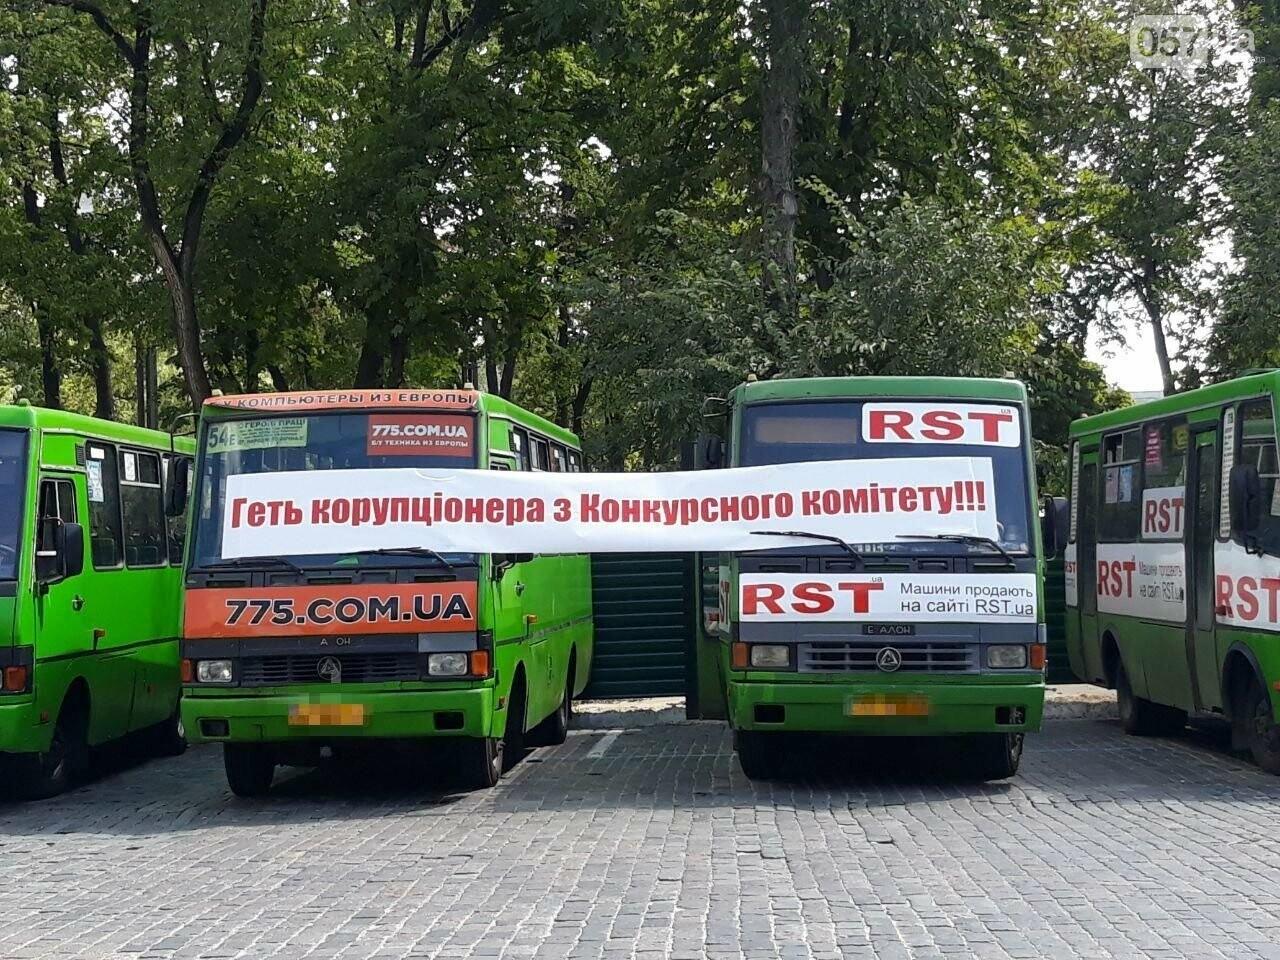 «Долой коррупцию»: в Харькове протестовали сотрудники самого крупного пассажирского перевозчика в области, - ФОТО, фото-11